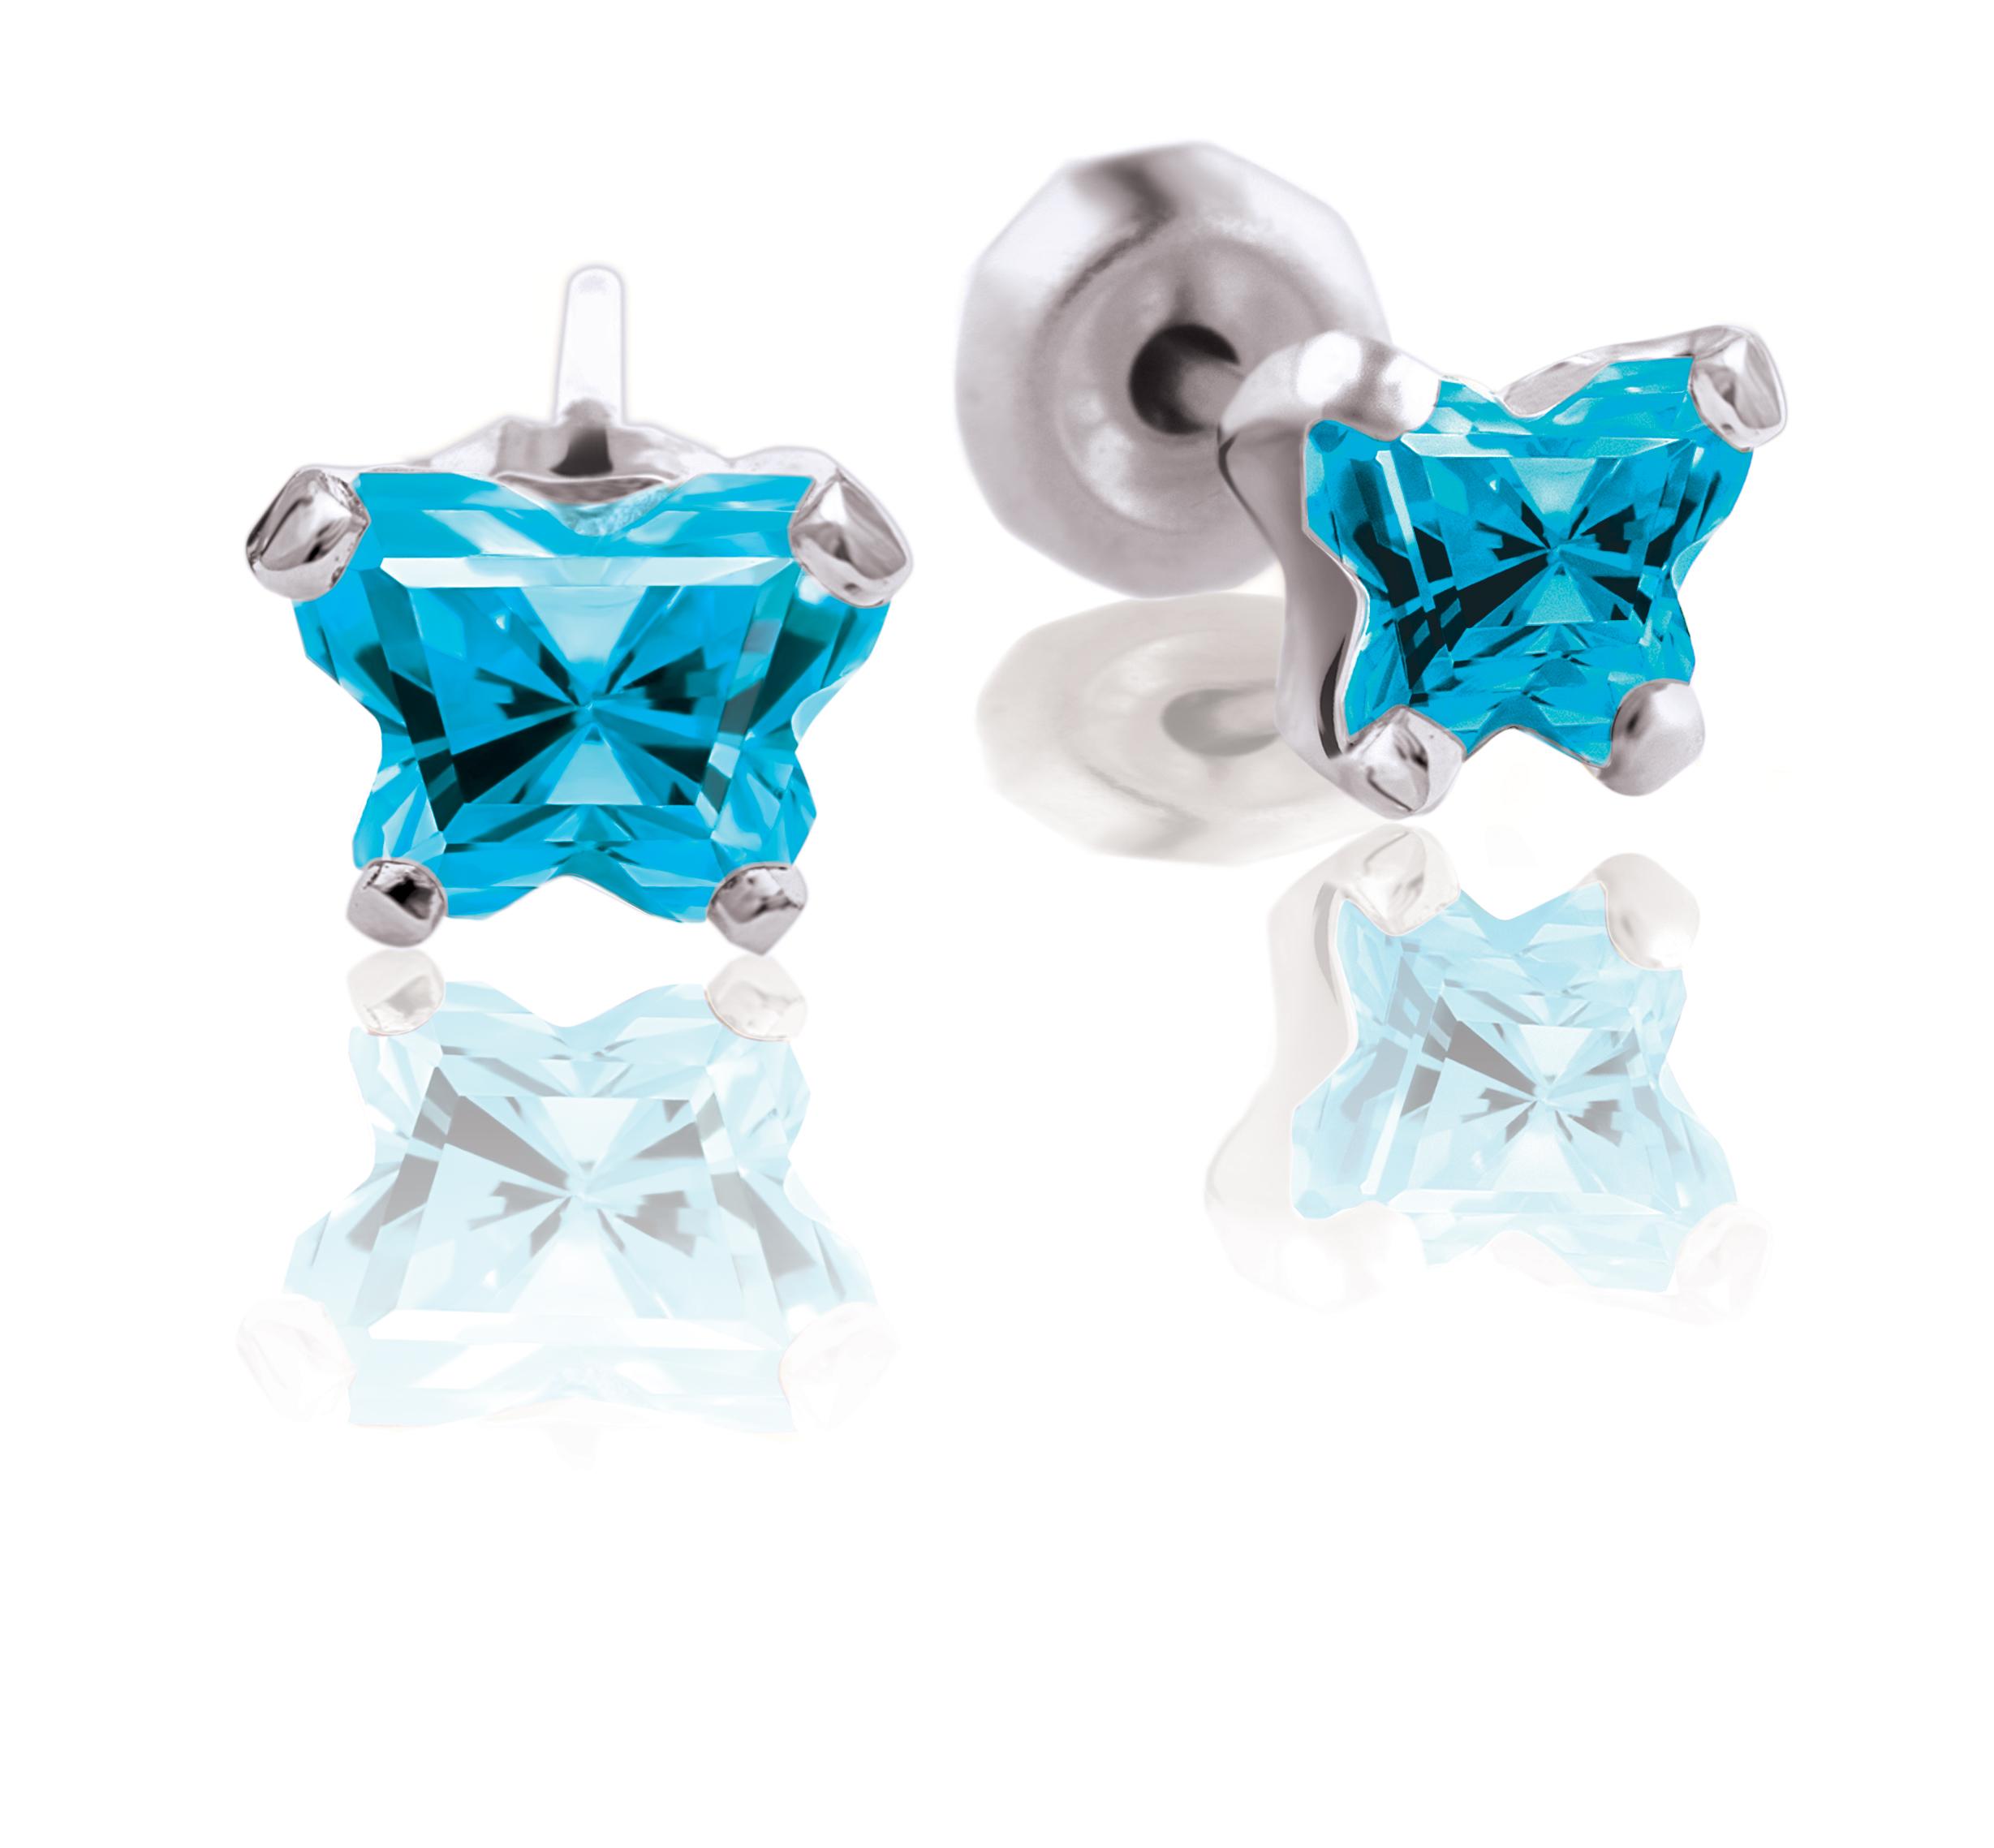 Boucles d'oreilles BFLY à tiges fixes pour bébé serties de zircons cubiques bleus (mois de décembre) -  Argent sterling